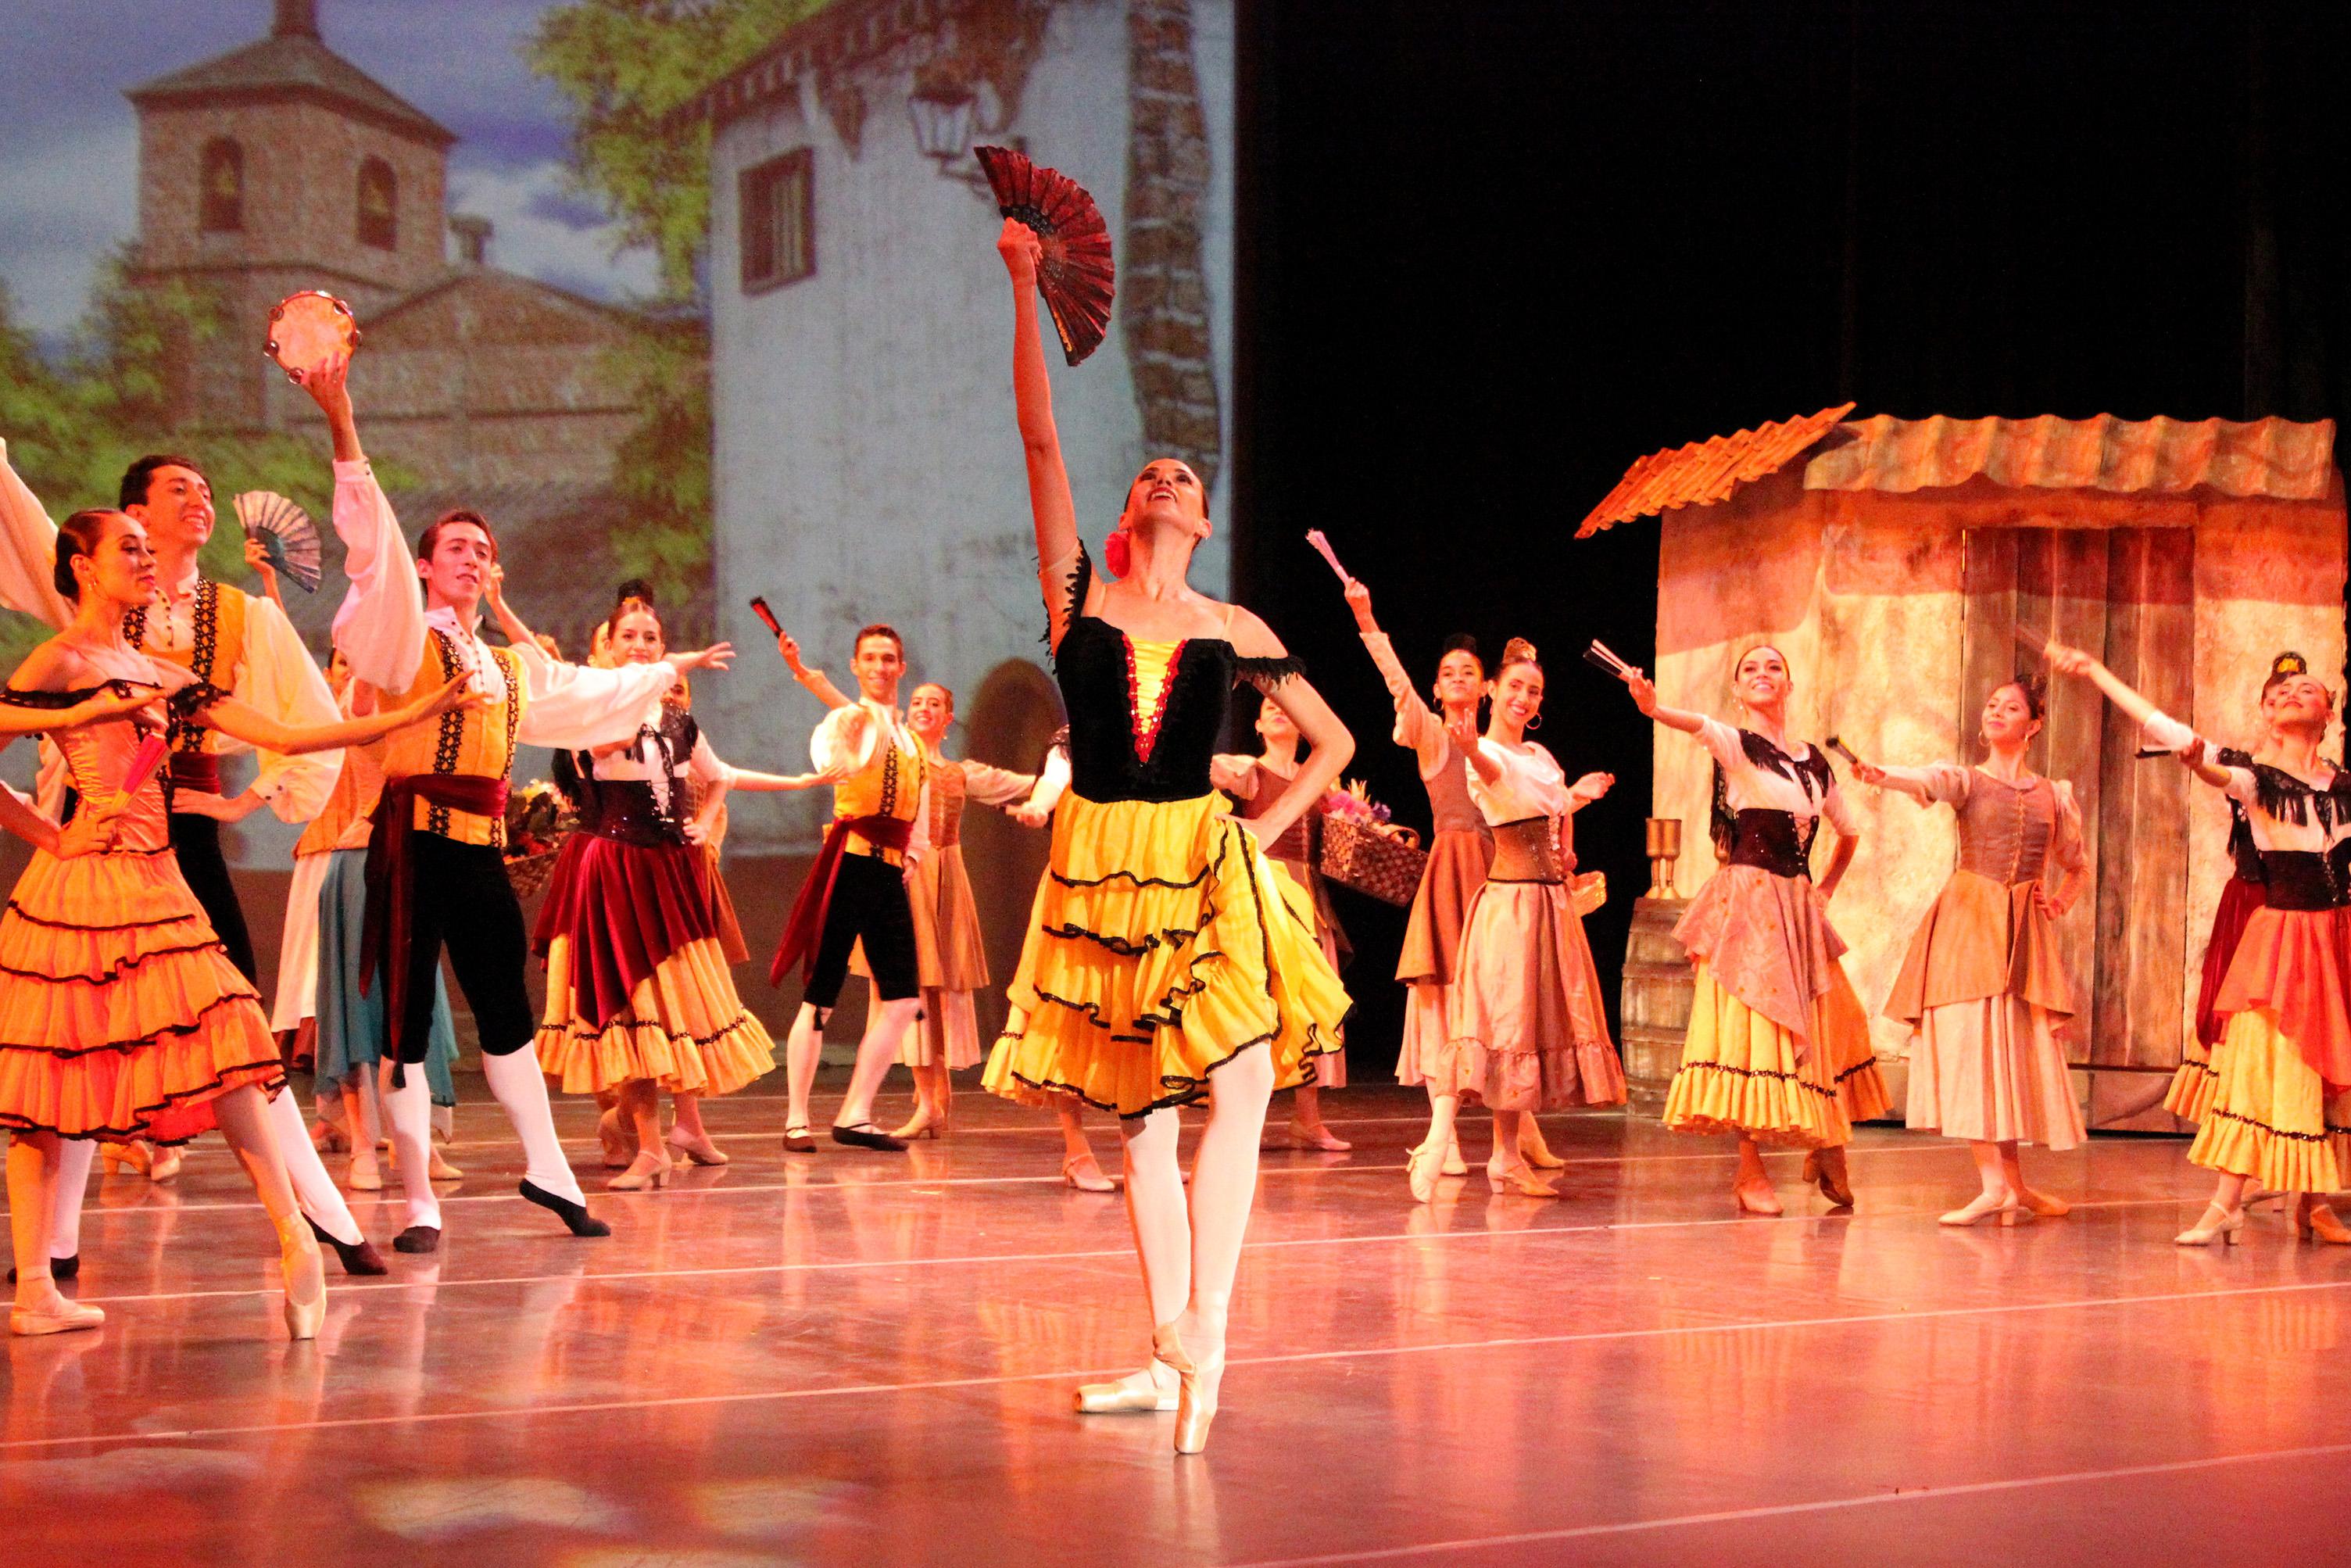 El Ballet de Jalisco visita Puerto Vallarta para presentar Don Quijote